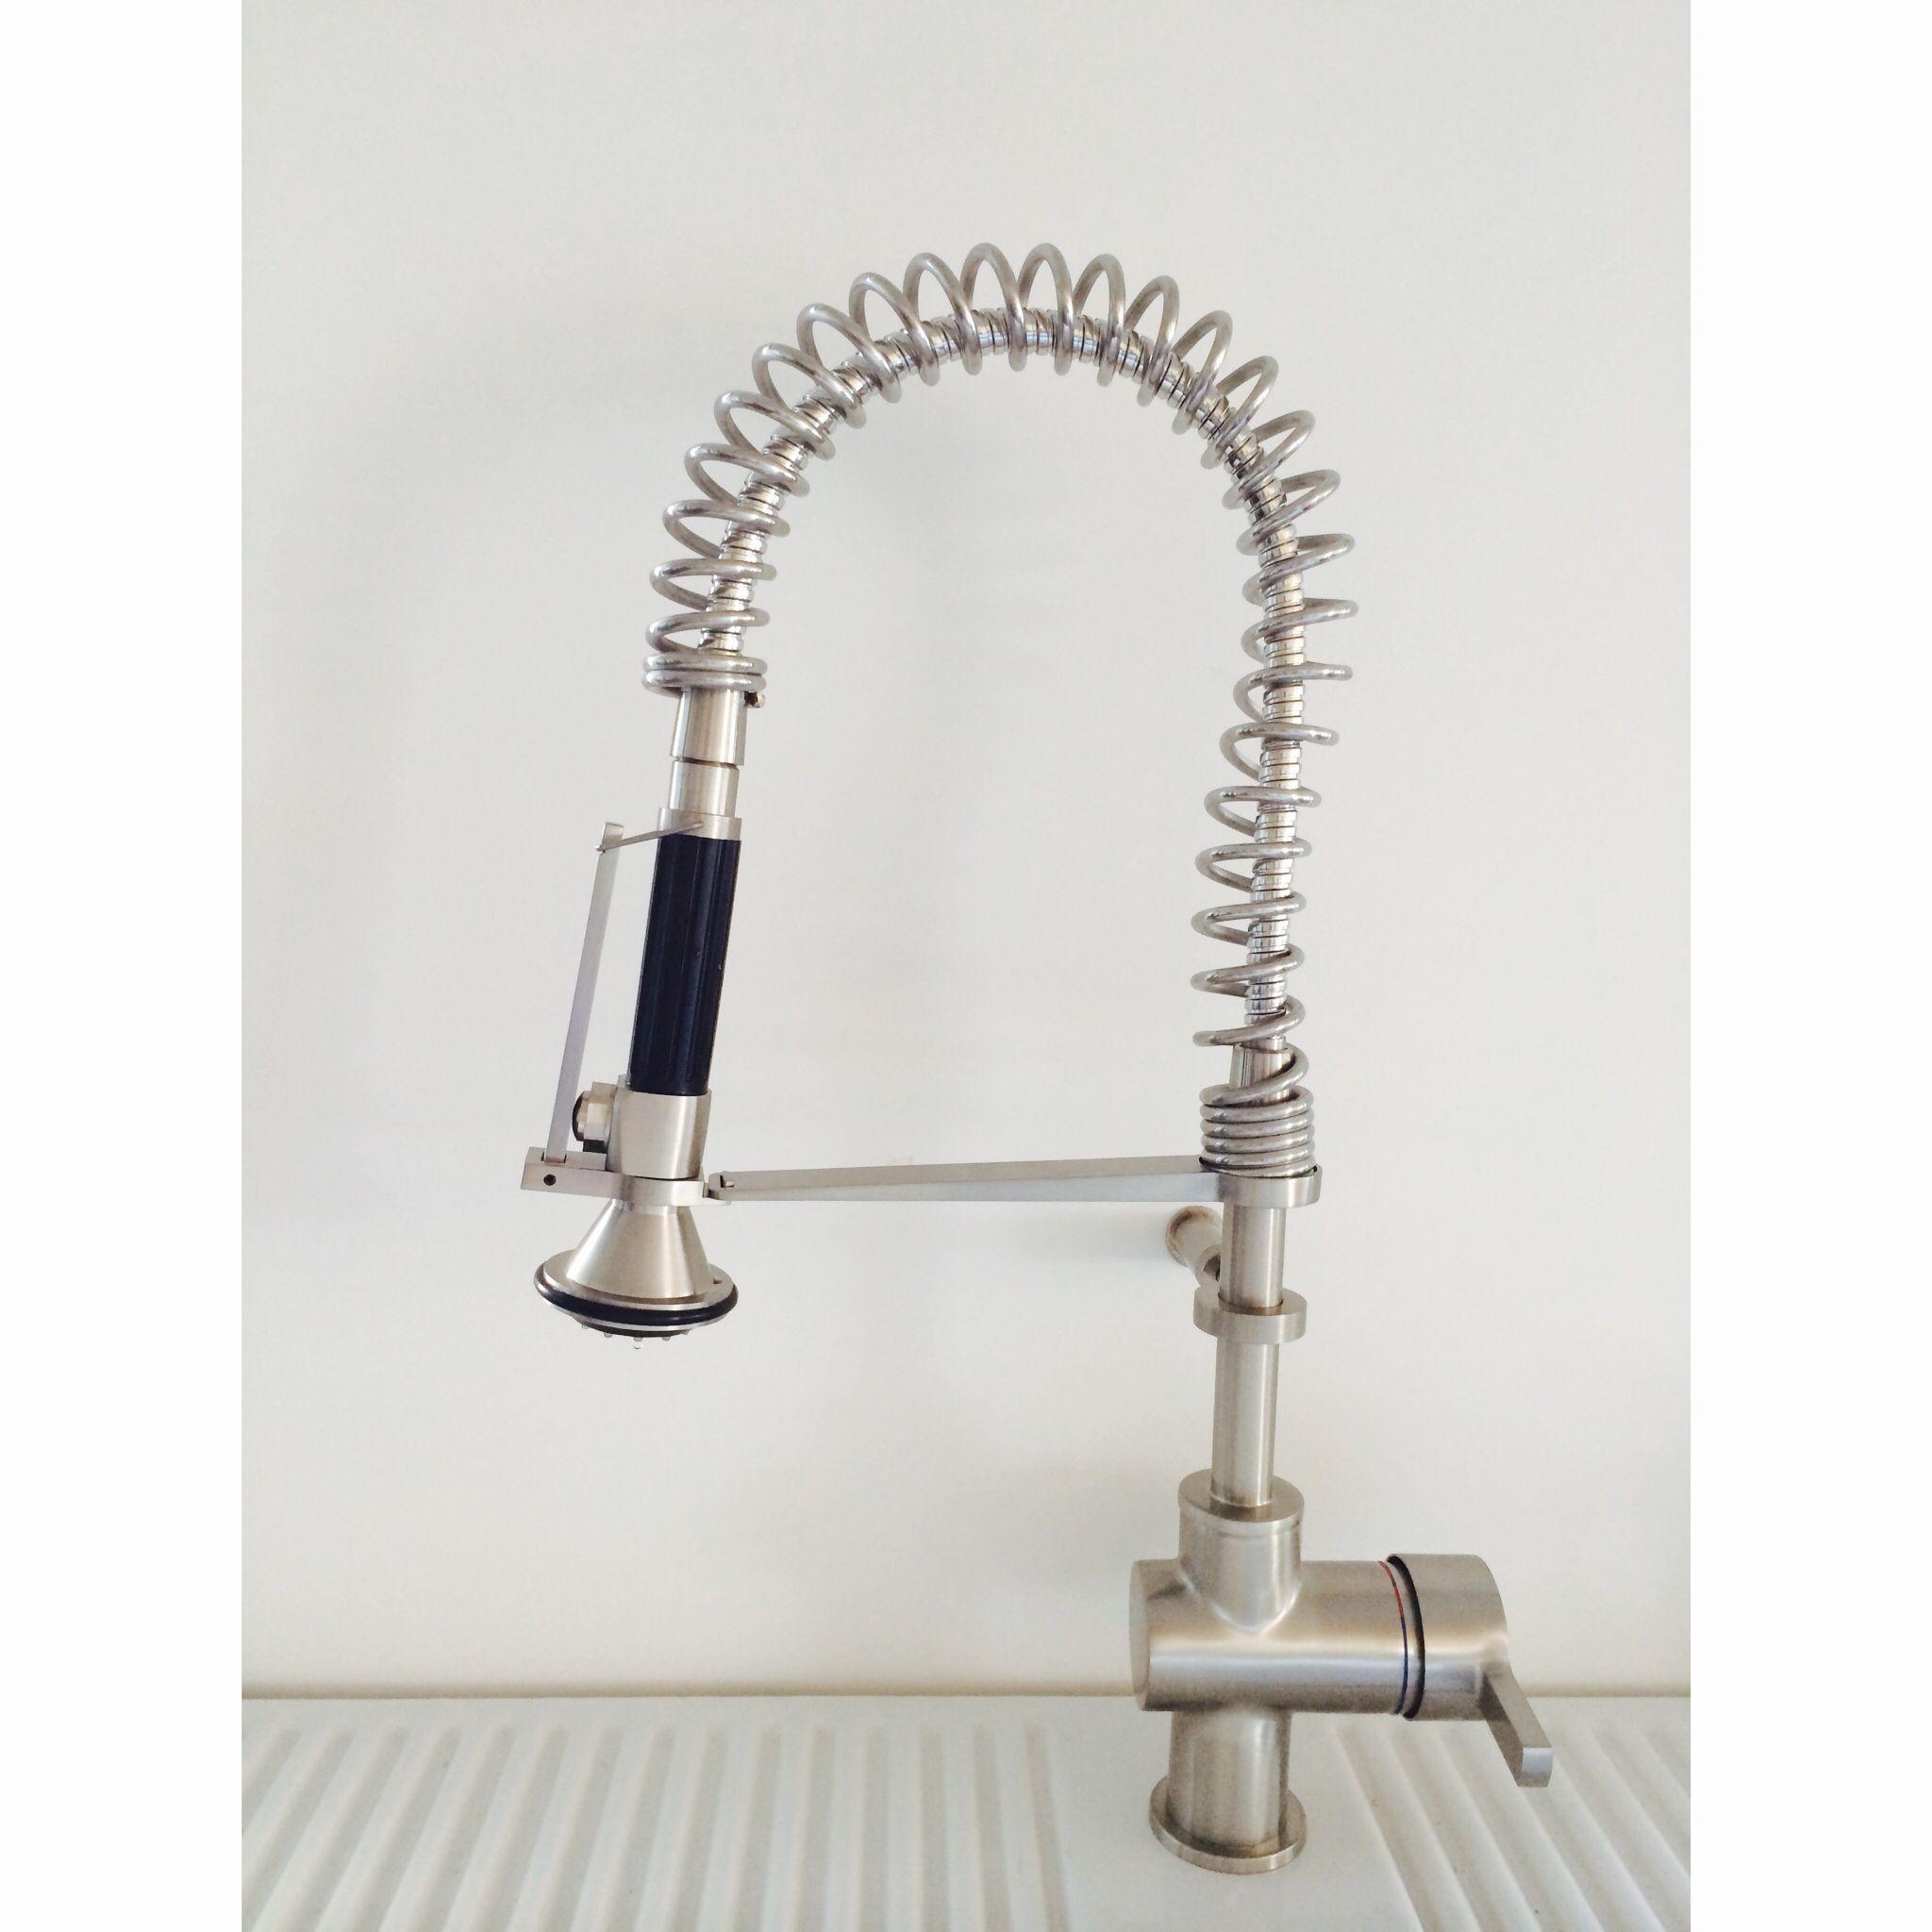 HJUVIK Kitchen Faucet At Ikea. (Photo: Www.sweethomephoto.com)